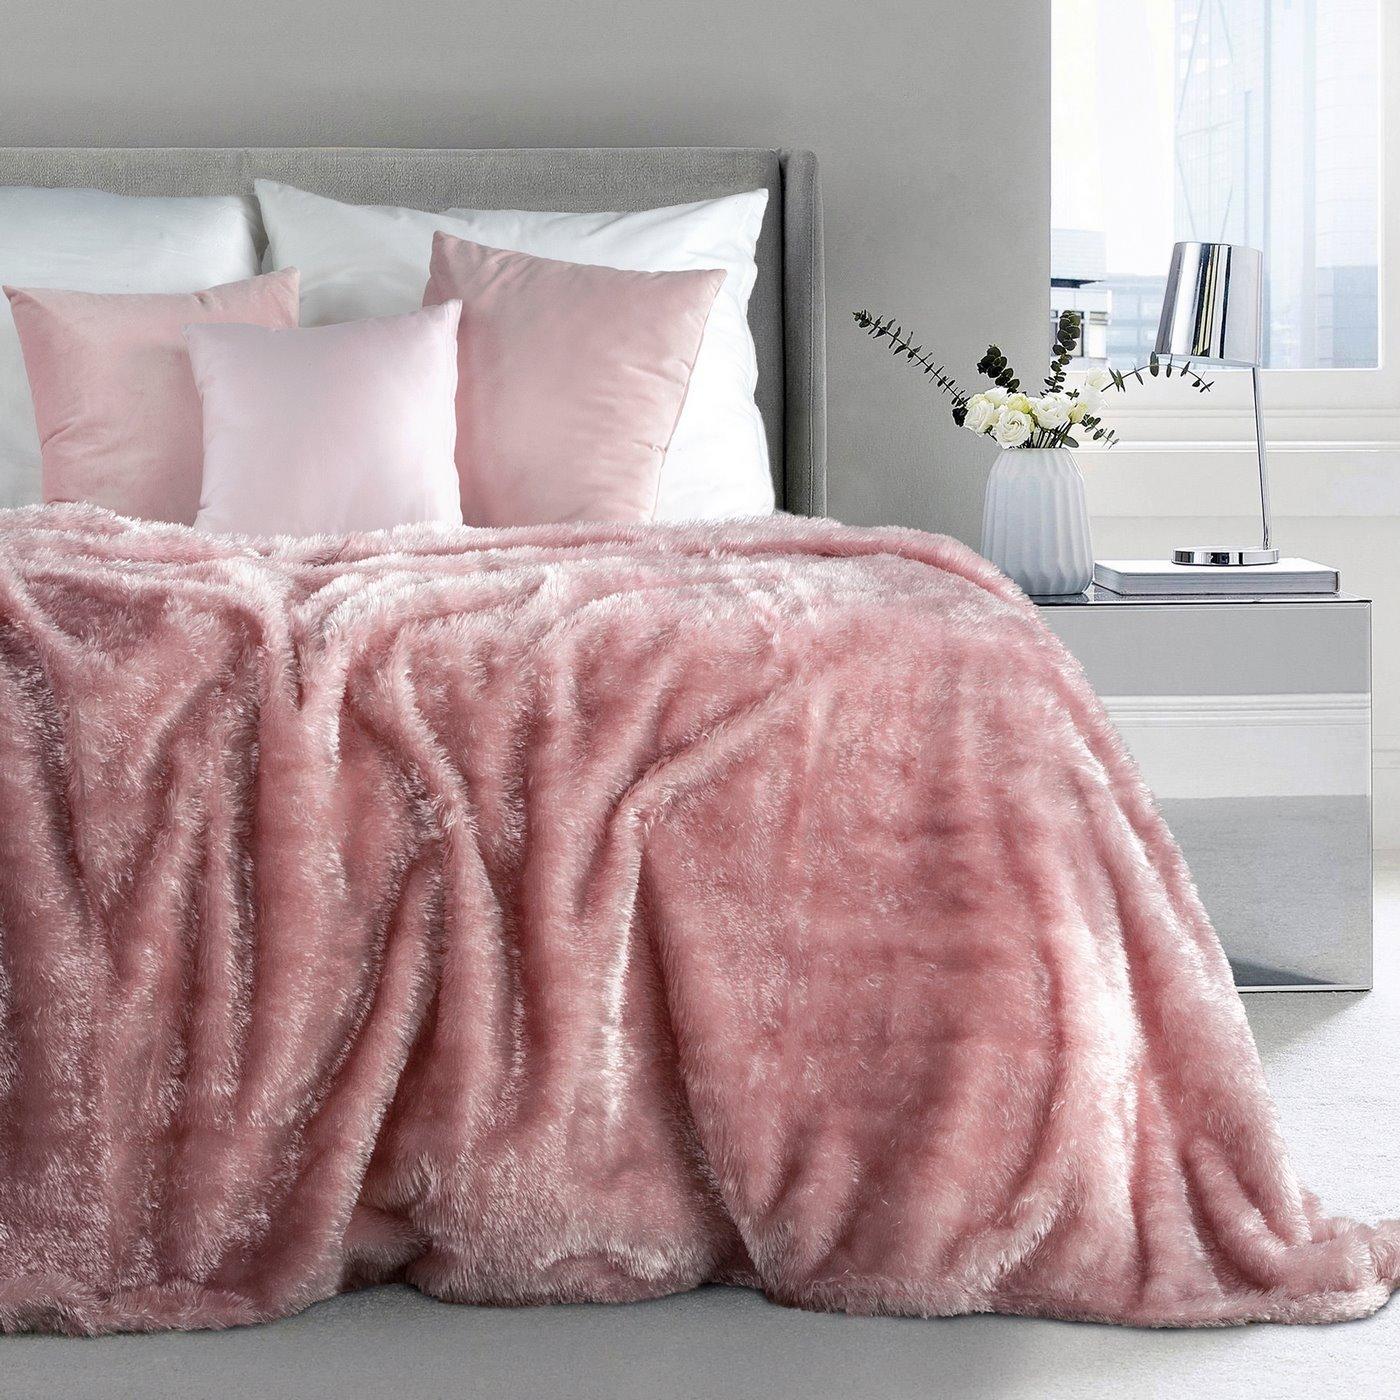 Futerkowy miękki koc pudrowy różowy z długim włosiem 150x200